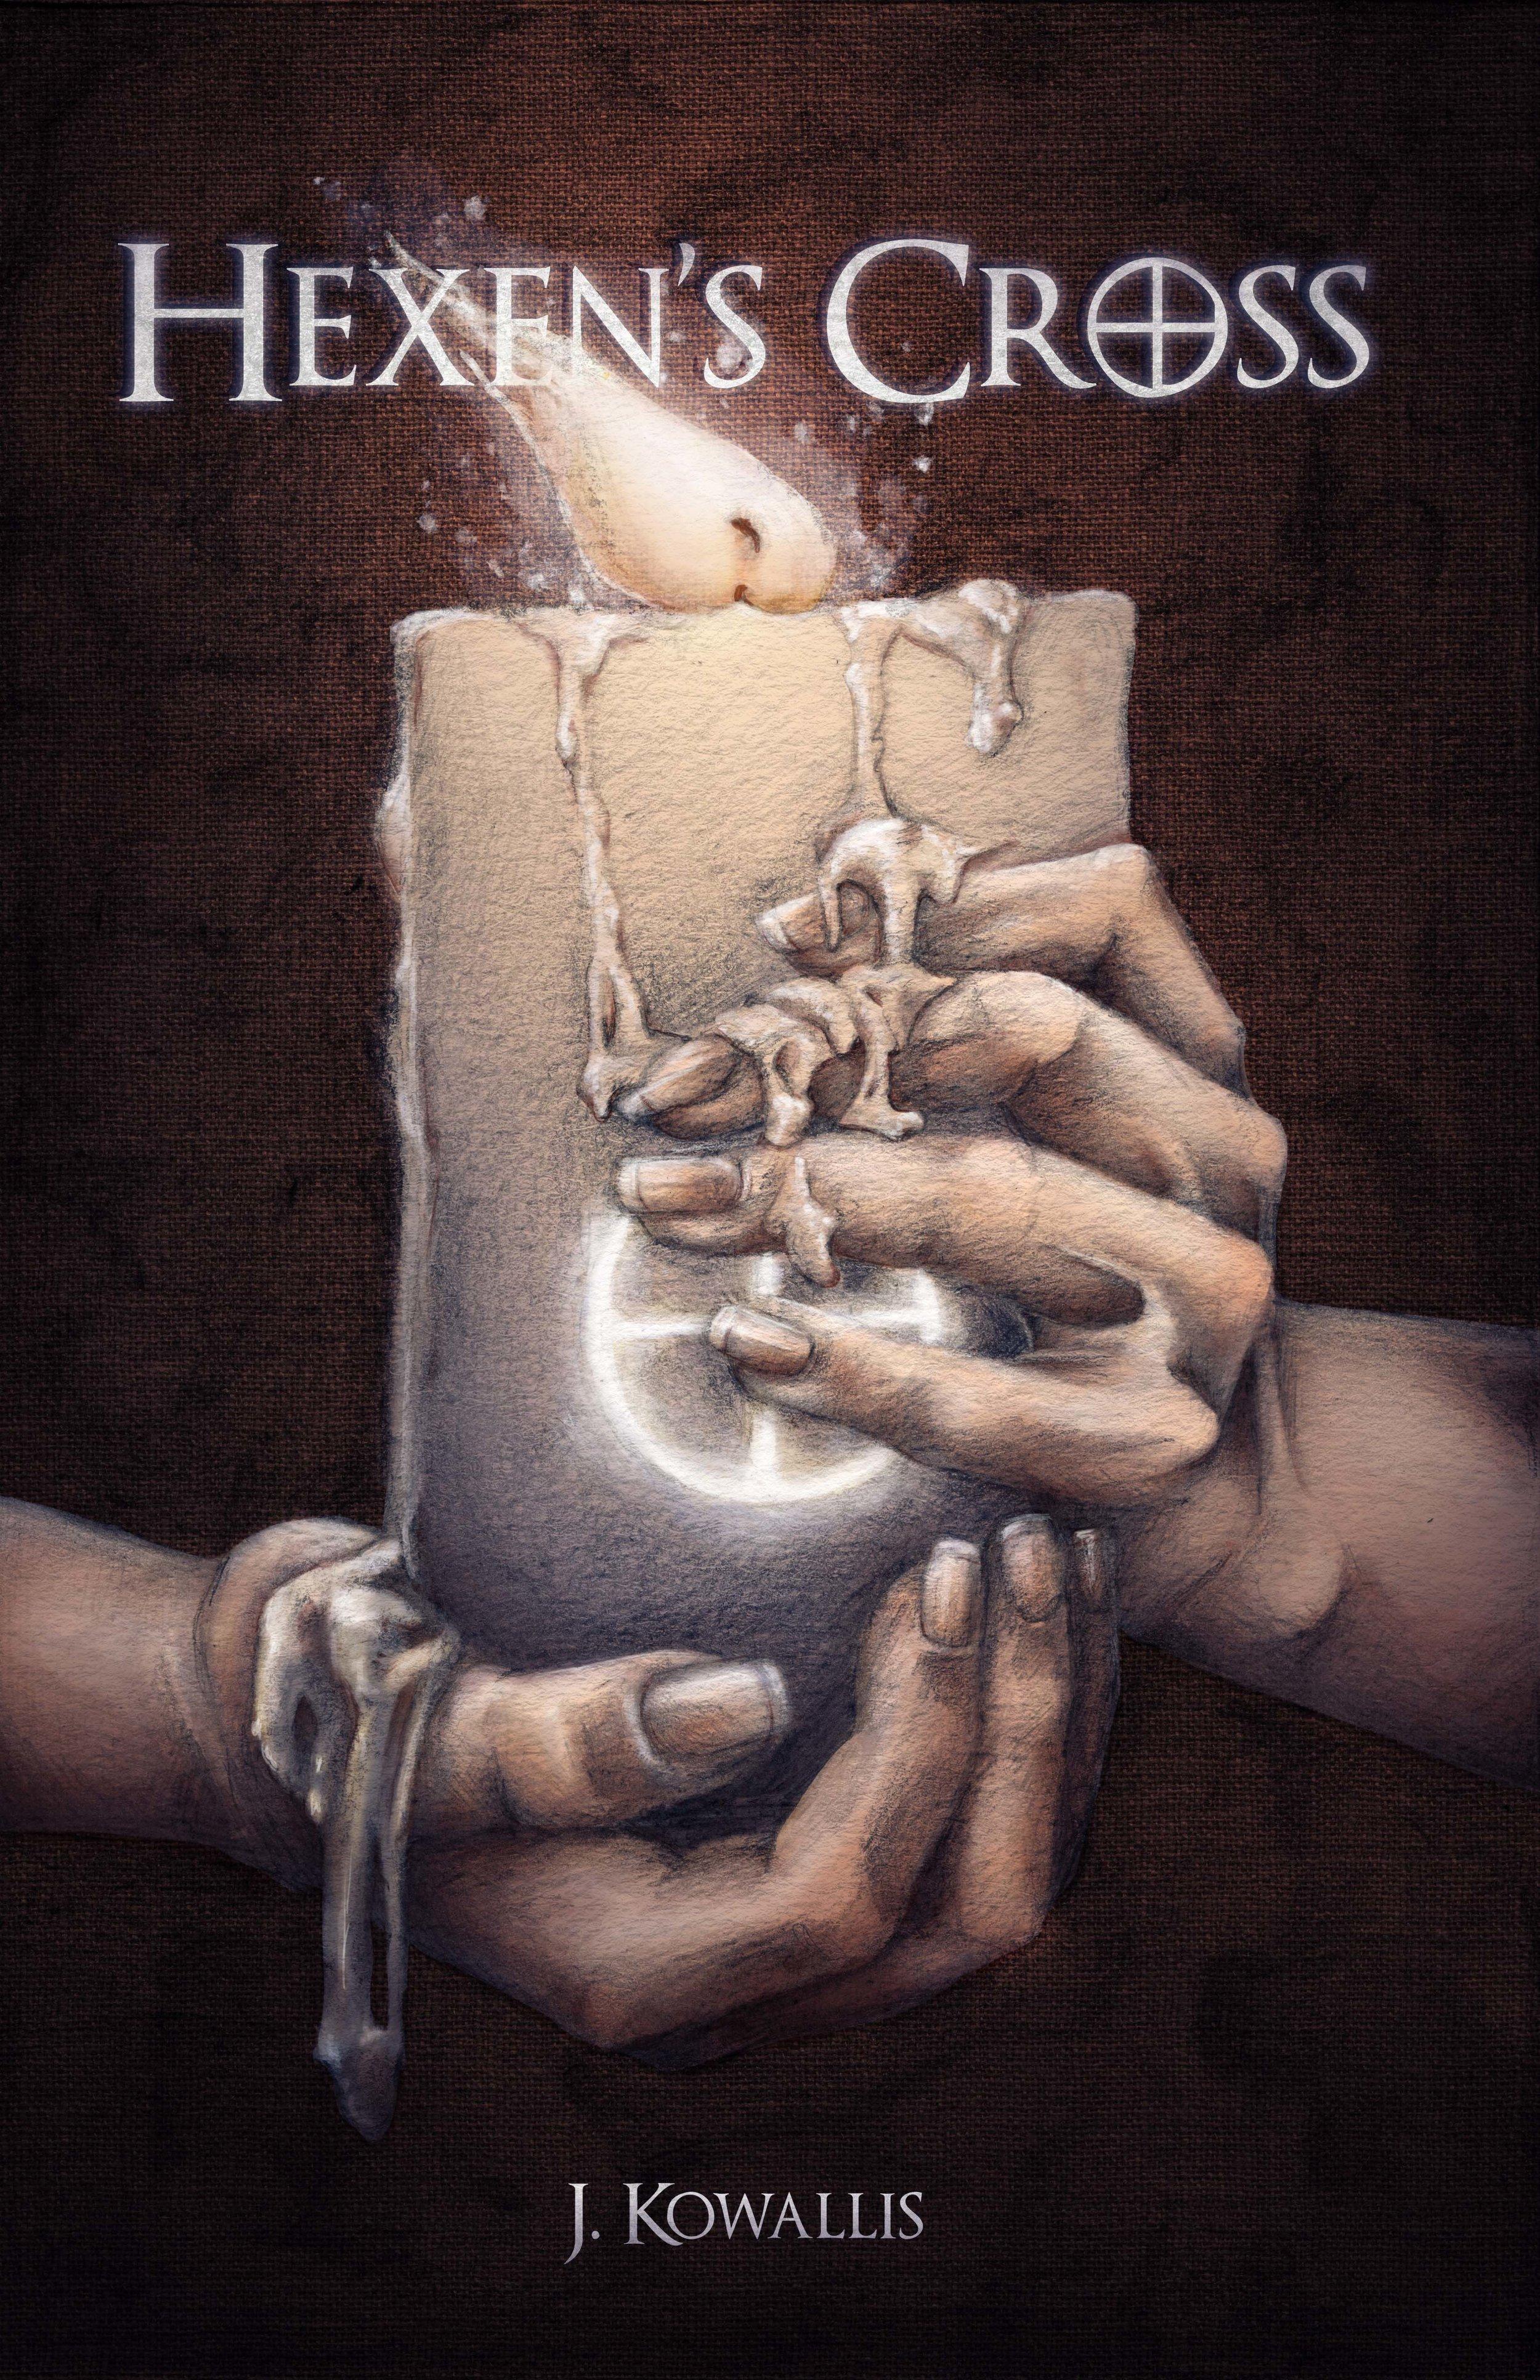 Hexen's Cross-cover-lauren-crest-illustration-With-text.jpg